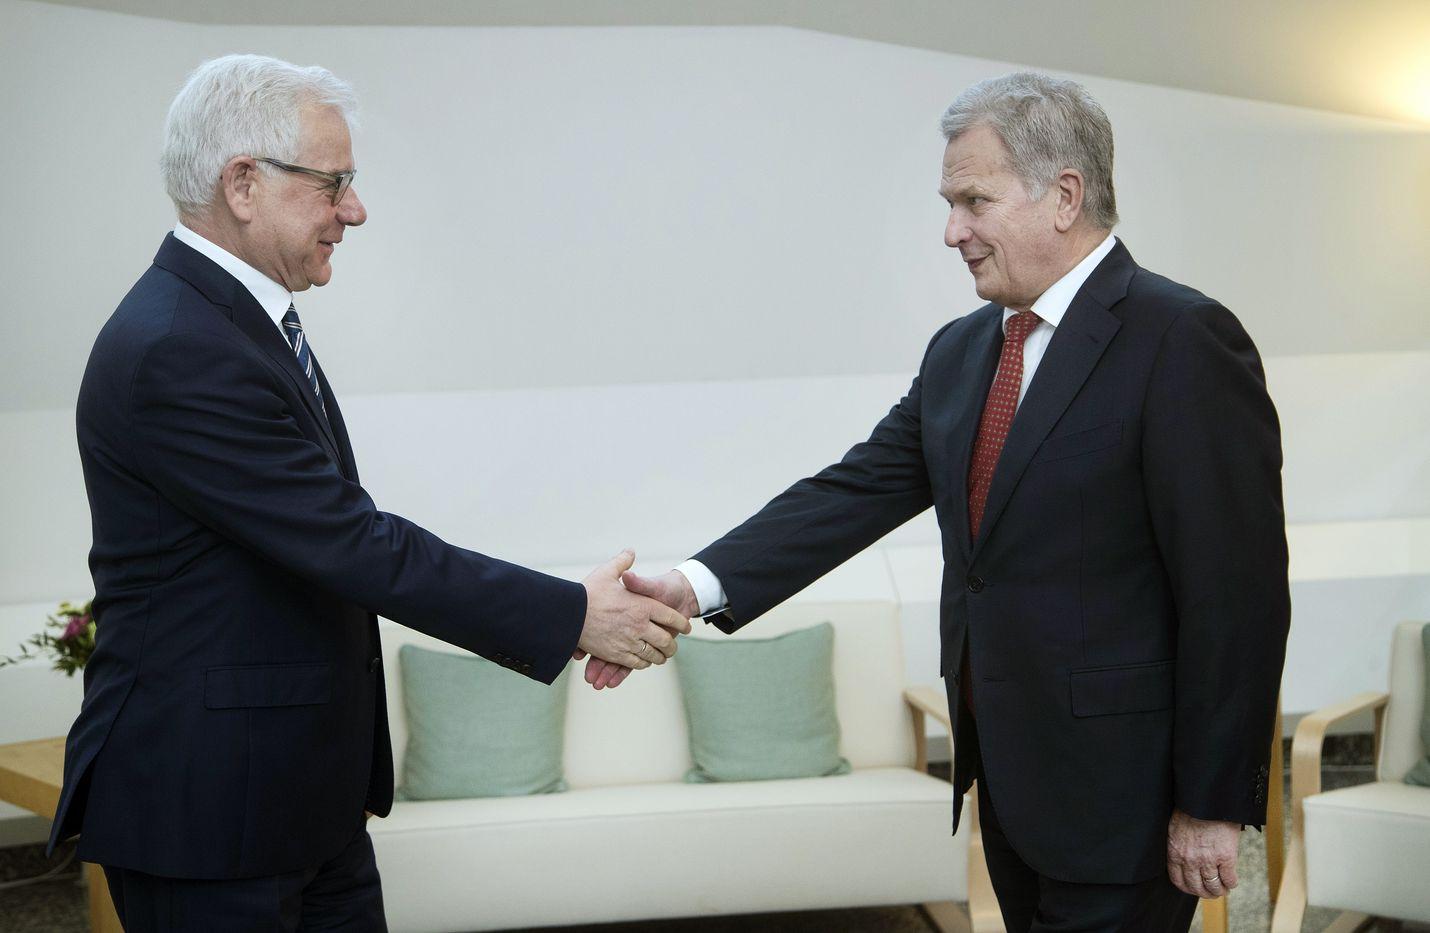 Puolan ulkoministeri Jacek Czaputowicz (vas.) tapasi torstaina presidentti Sauli Niinistön Mäntyniemessä.